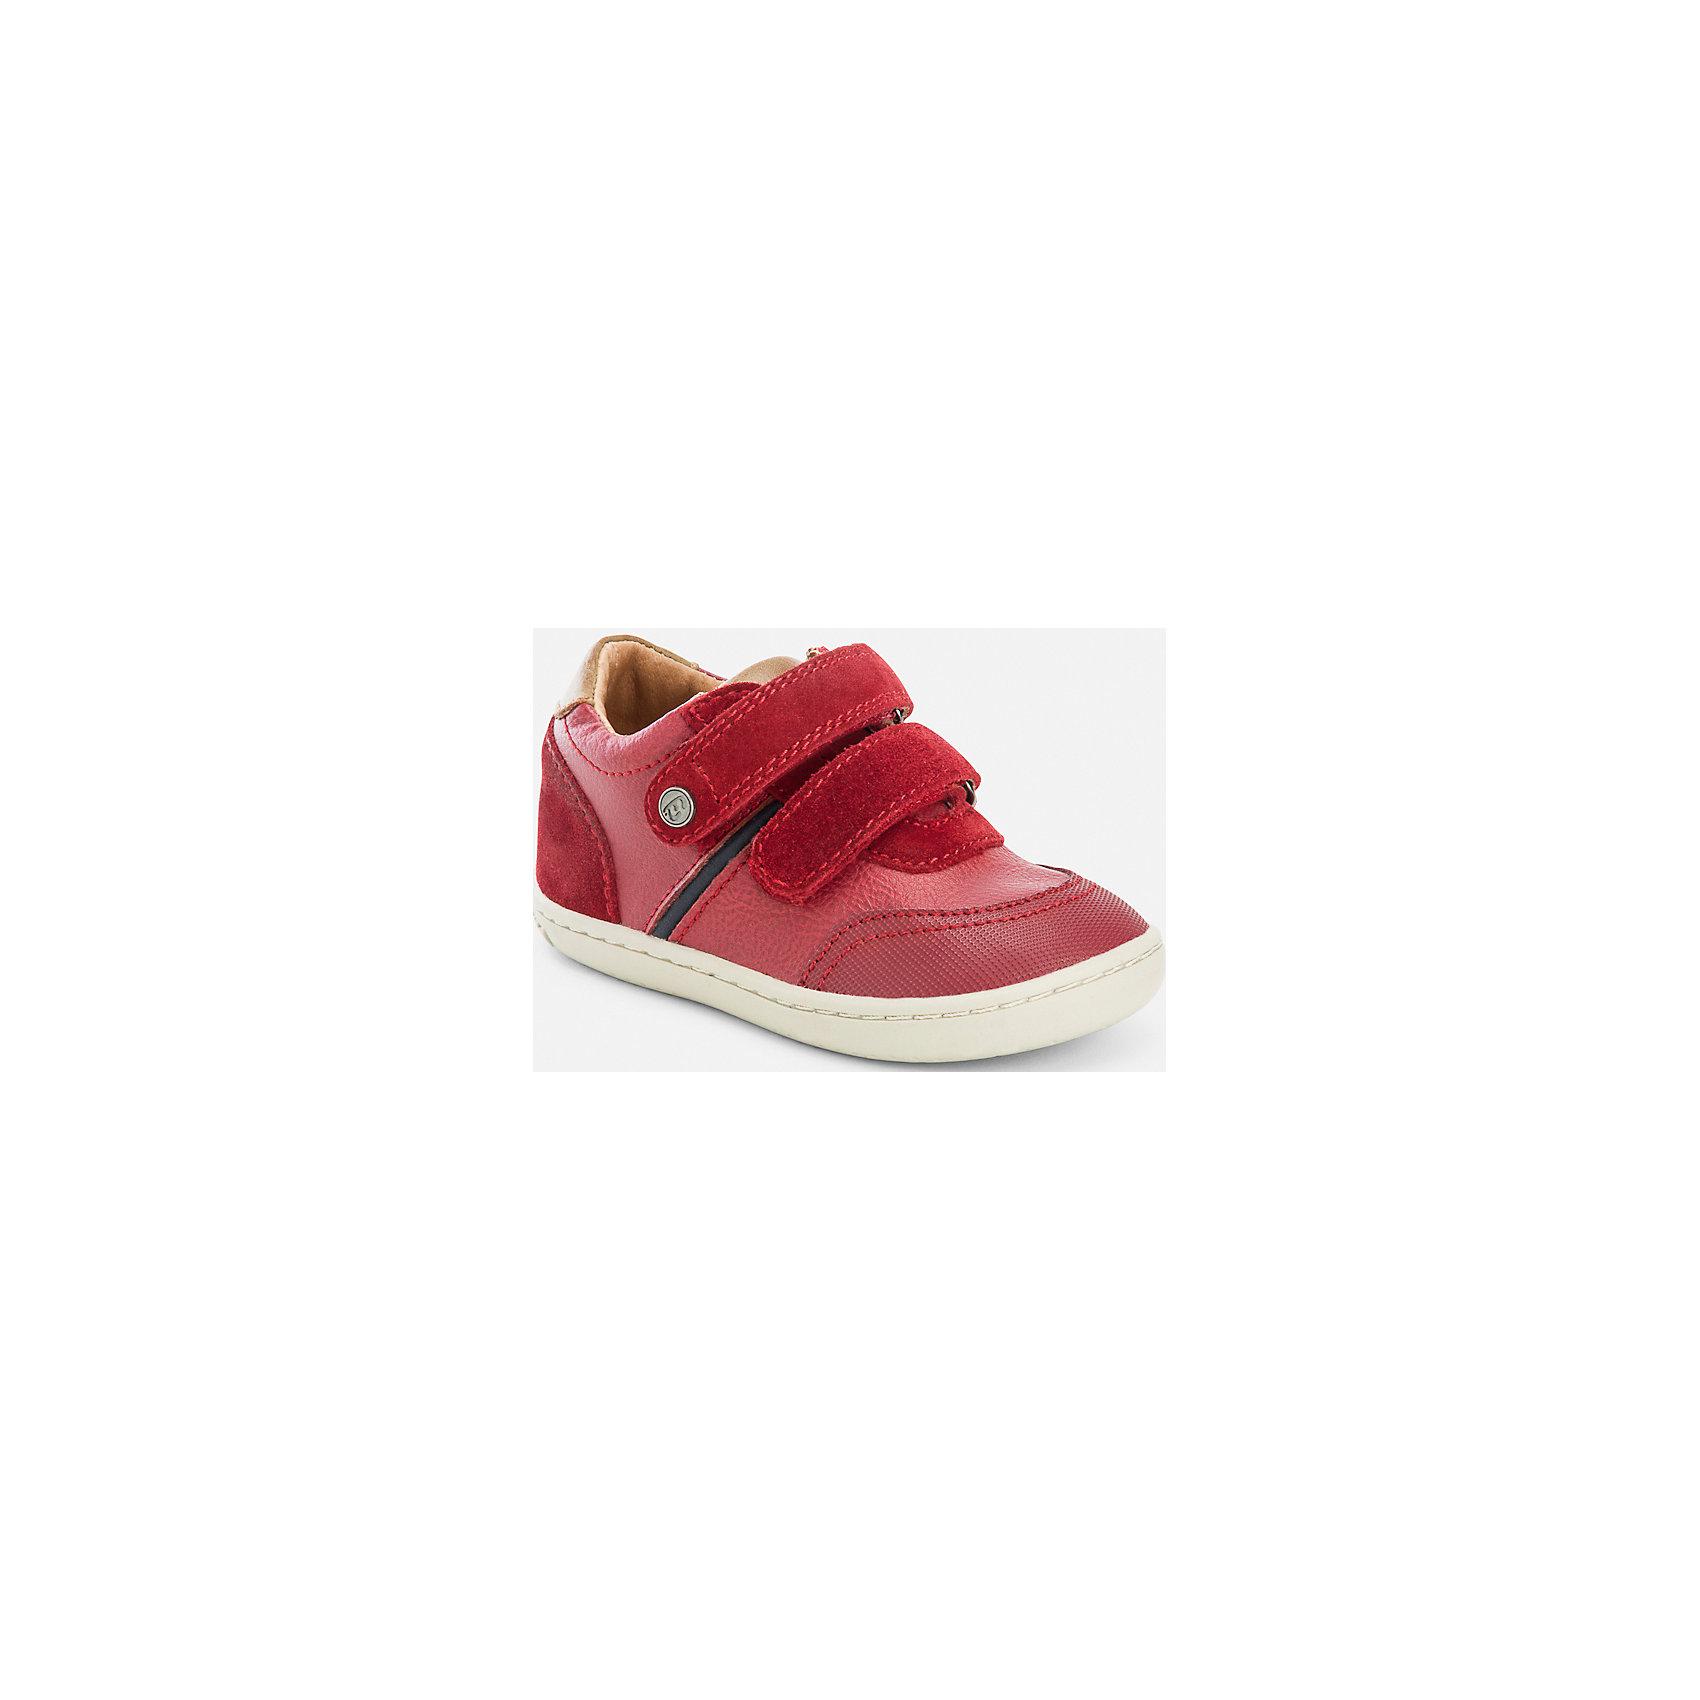 Mayoral Туфли для мальчика Mayoral купить туфли в интернет магазине тамарис